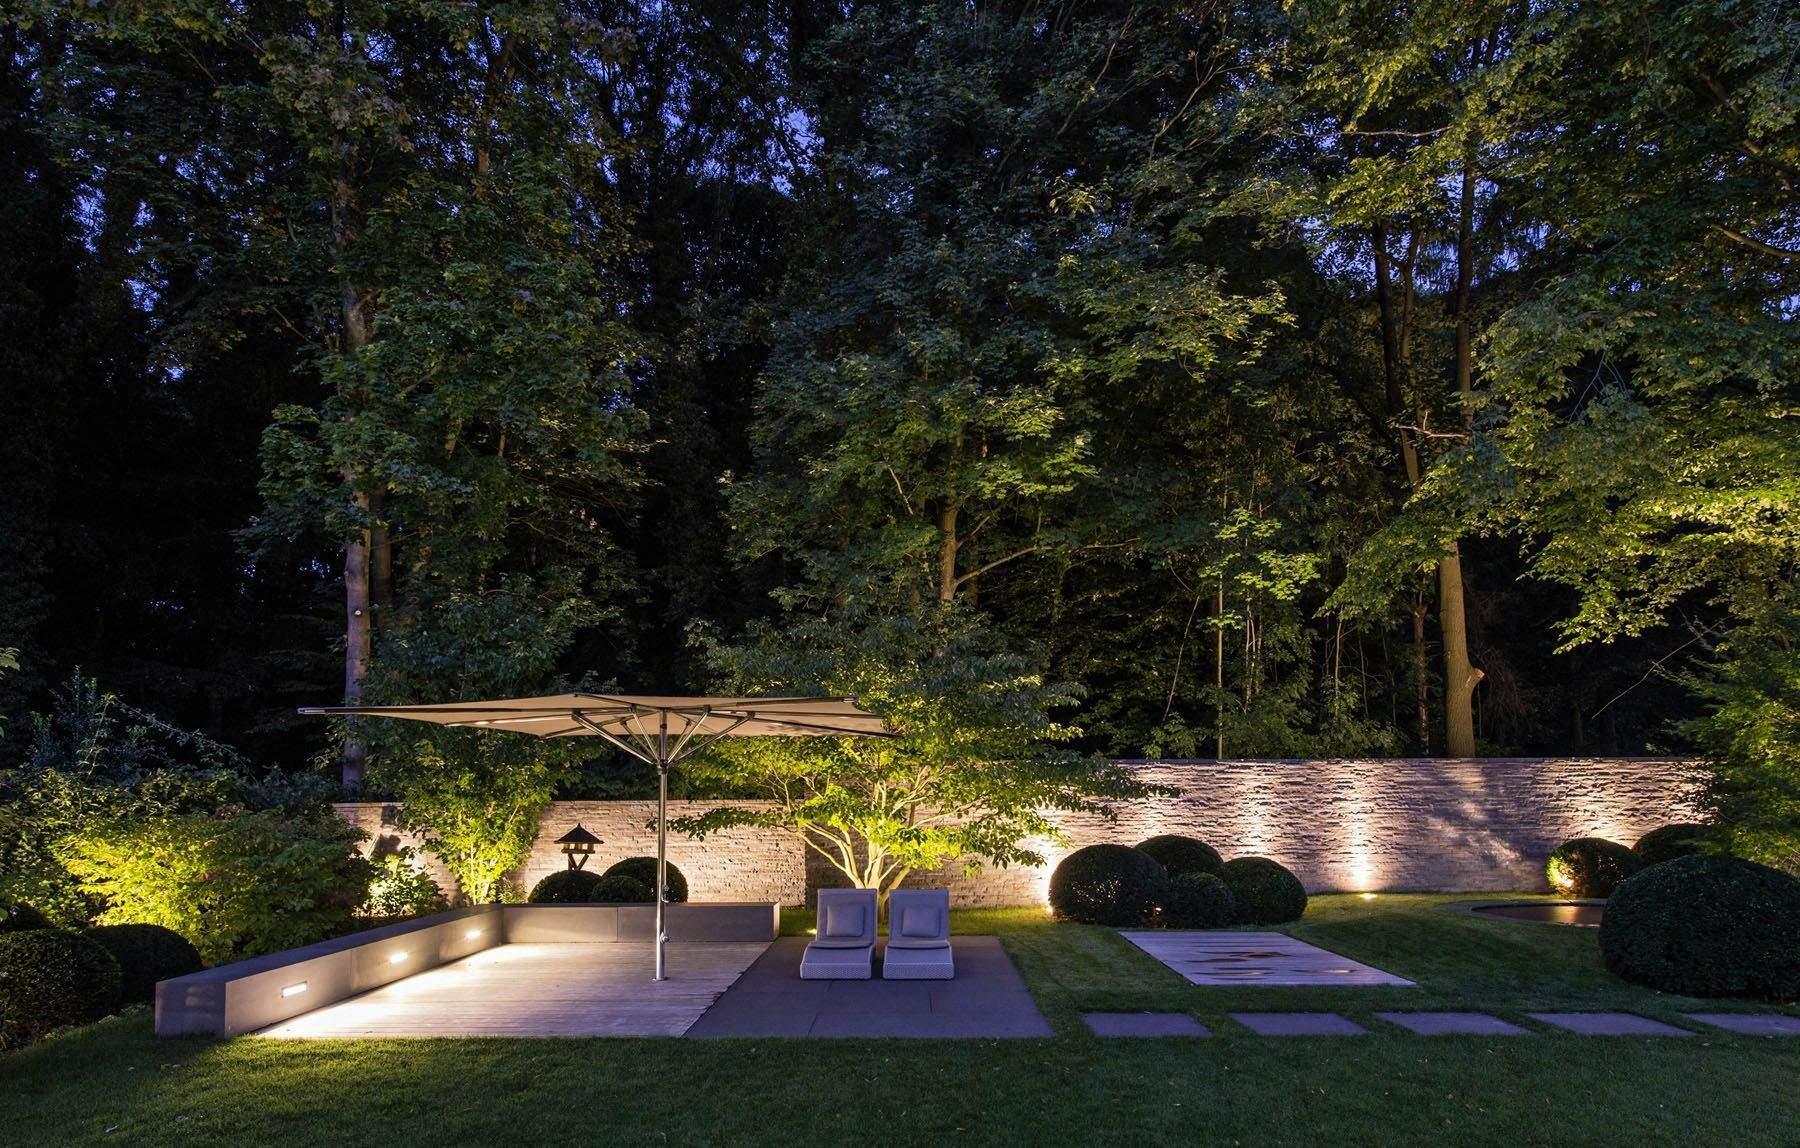 Garten Anlegen Neubau Einzigartig 26 Reizend Unkraut Im Garten Bestimmen Genial